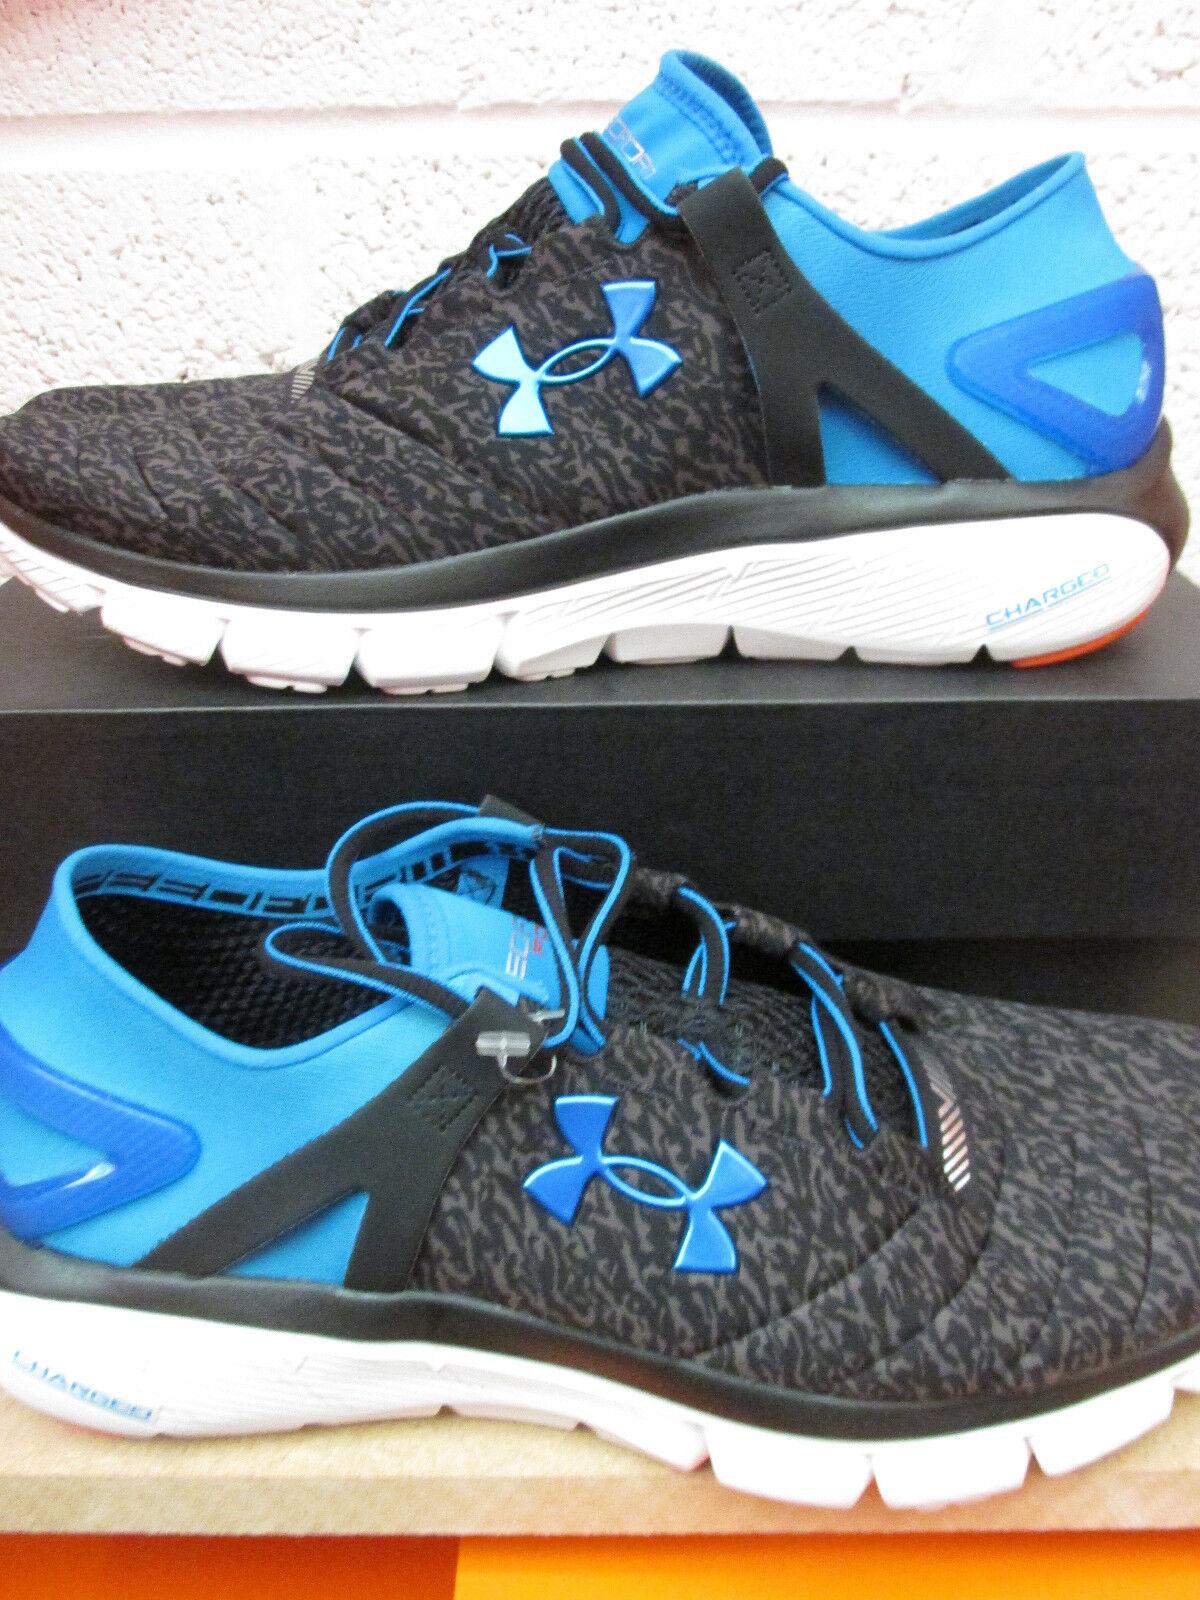 Under Armour UA SPEEDFORM scarpe da ginnastica running FORTIS GR 002 1268330 002 GR Scarpe Da Ginnastica Scarpe 47f72f